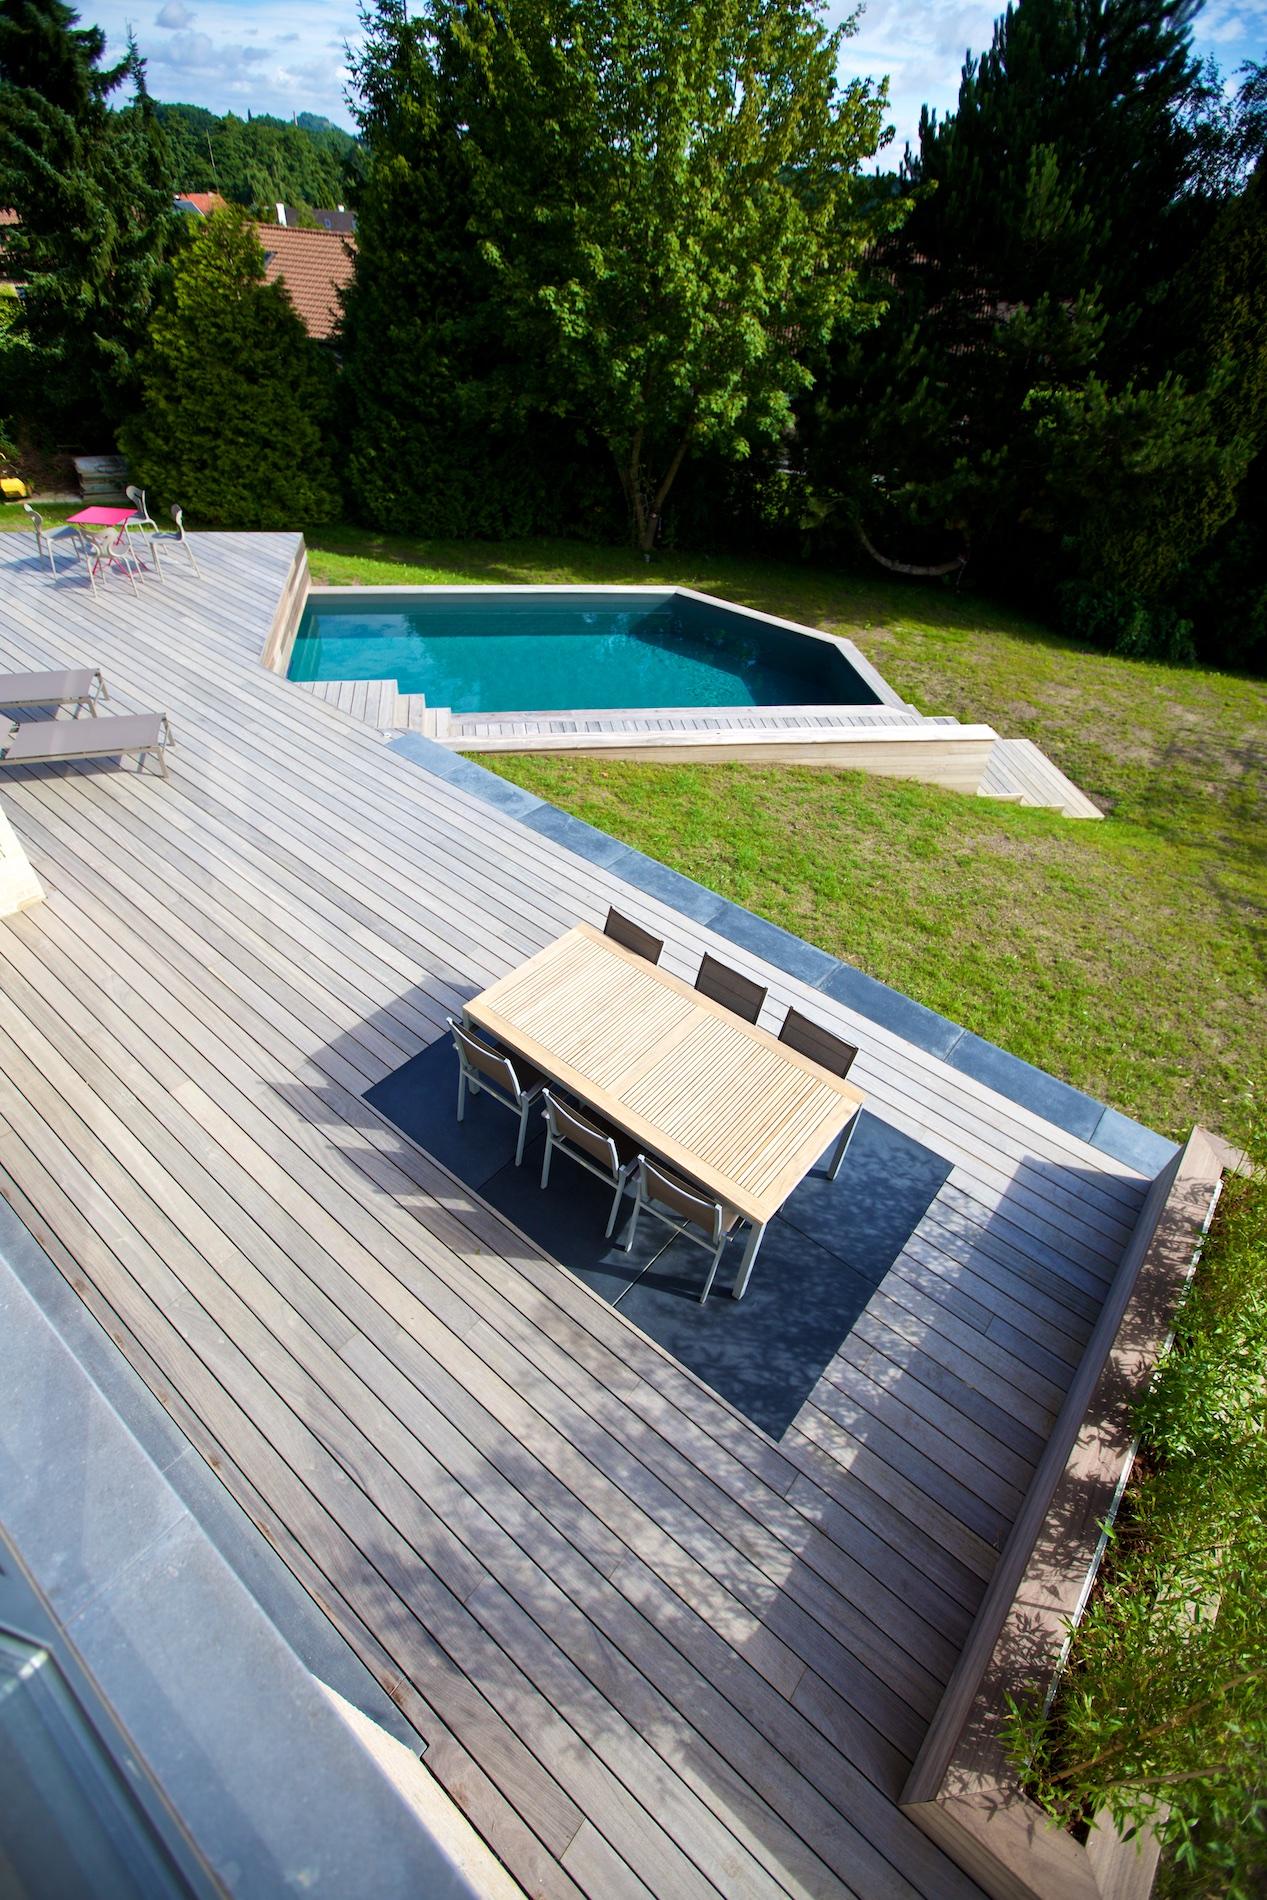 Maison novirtua 1 7 novirtua for Accessoire piscine namur